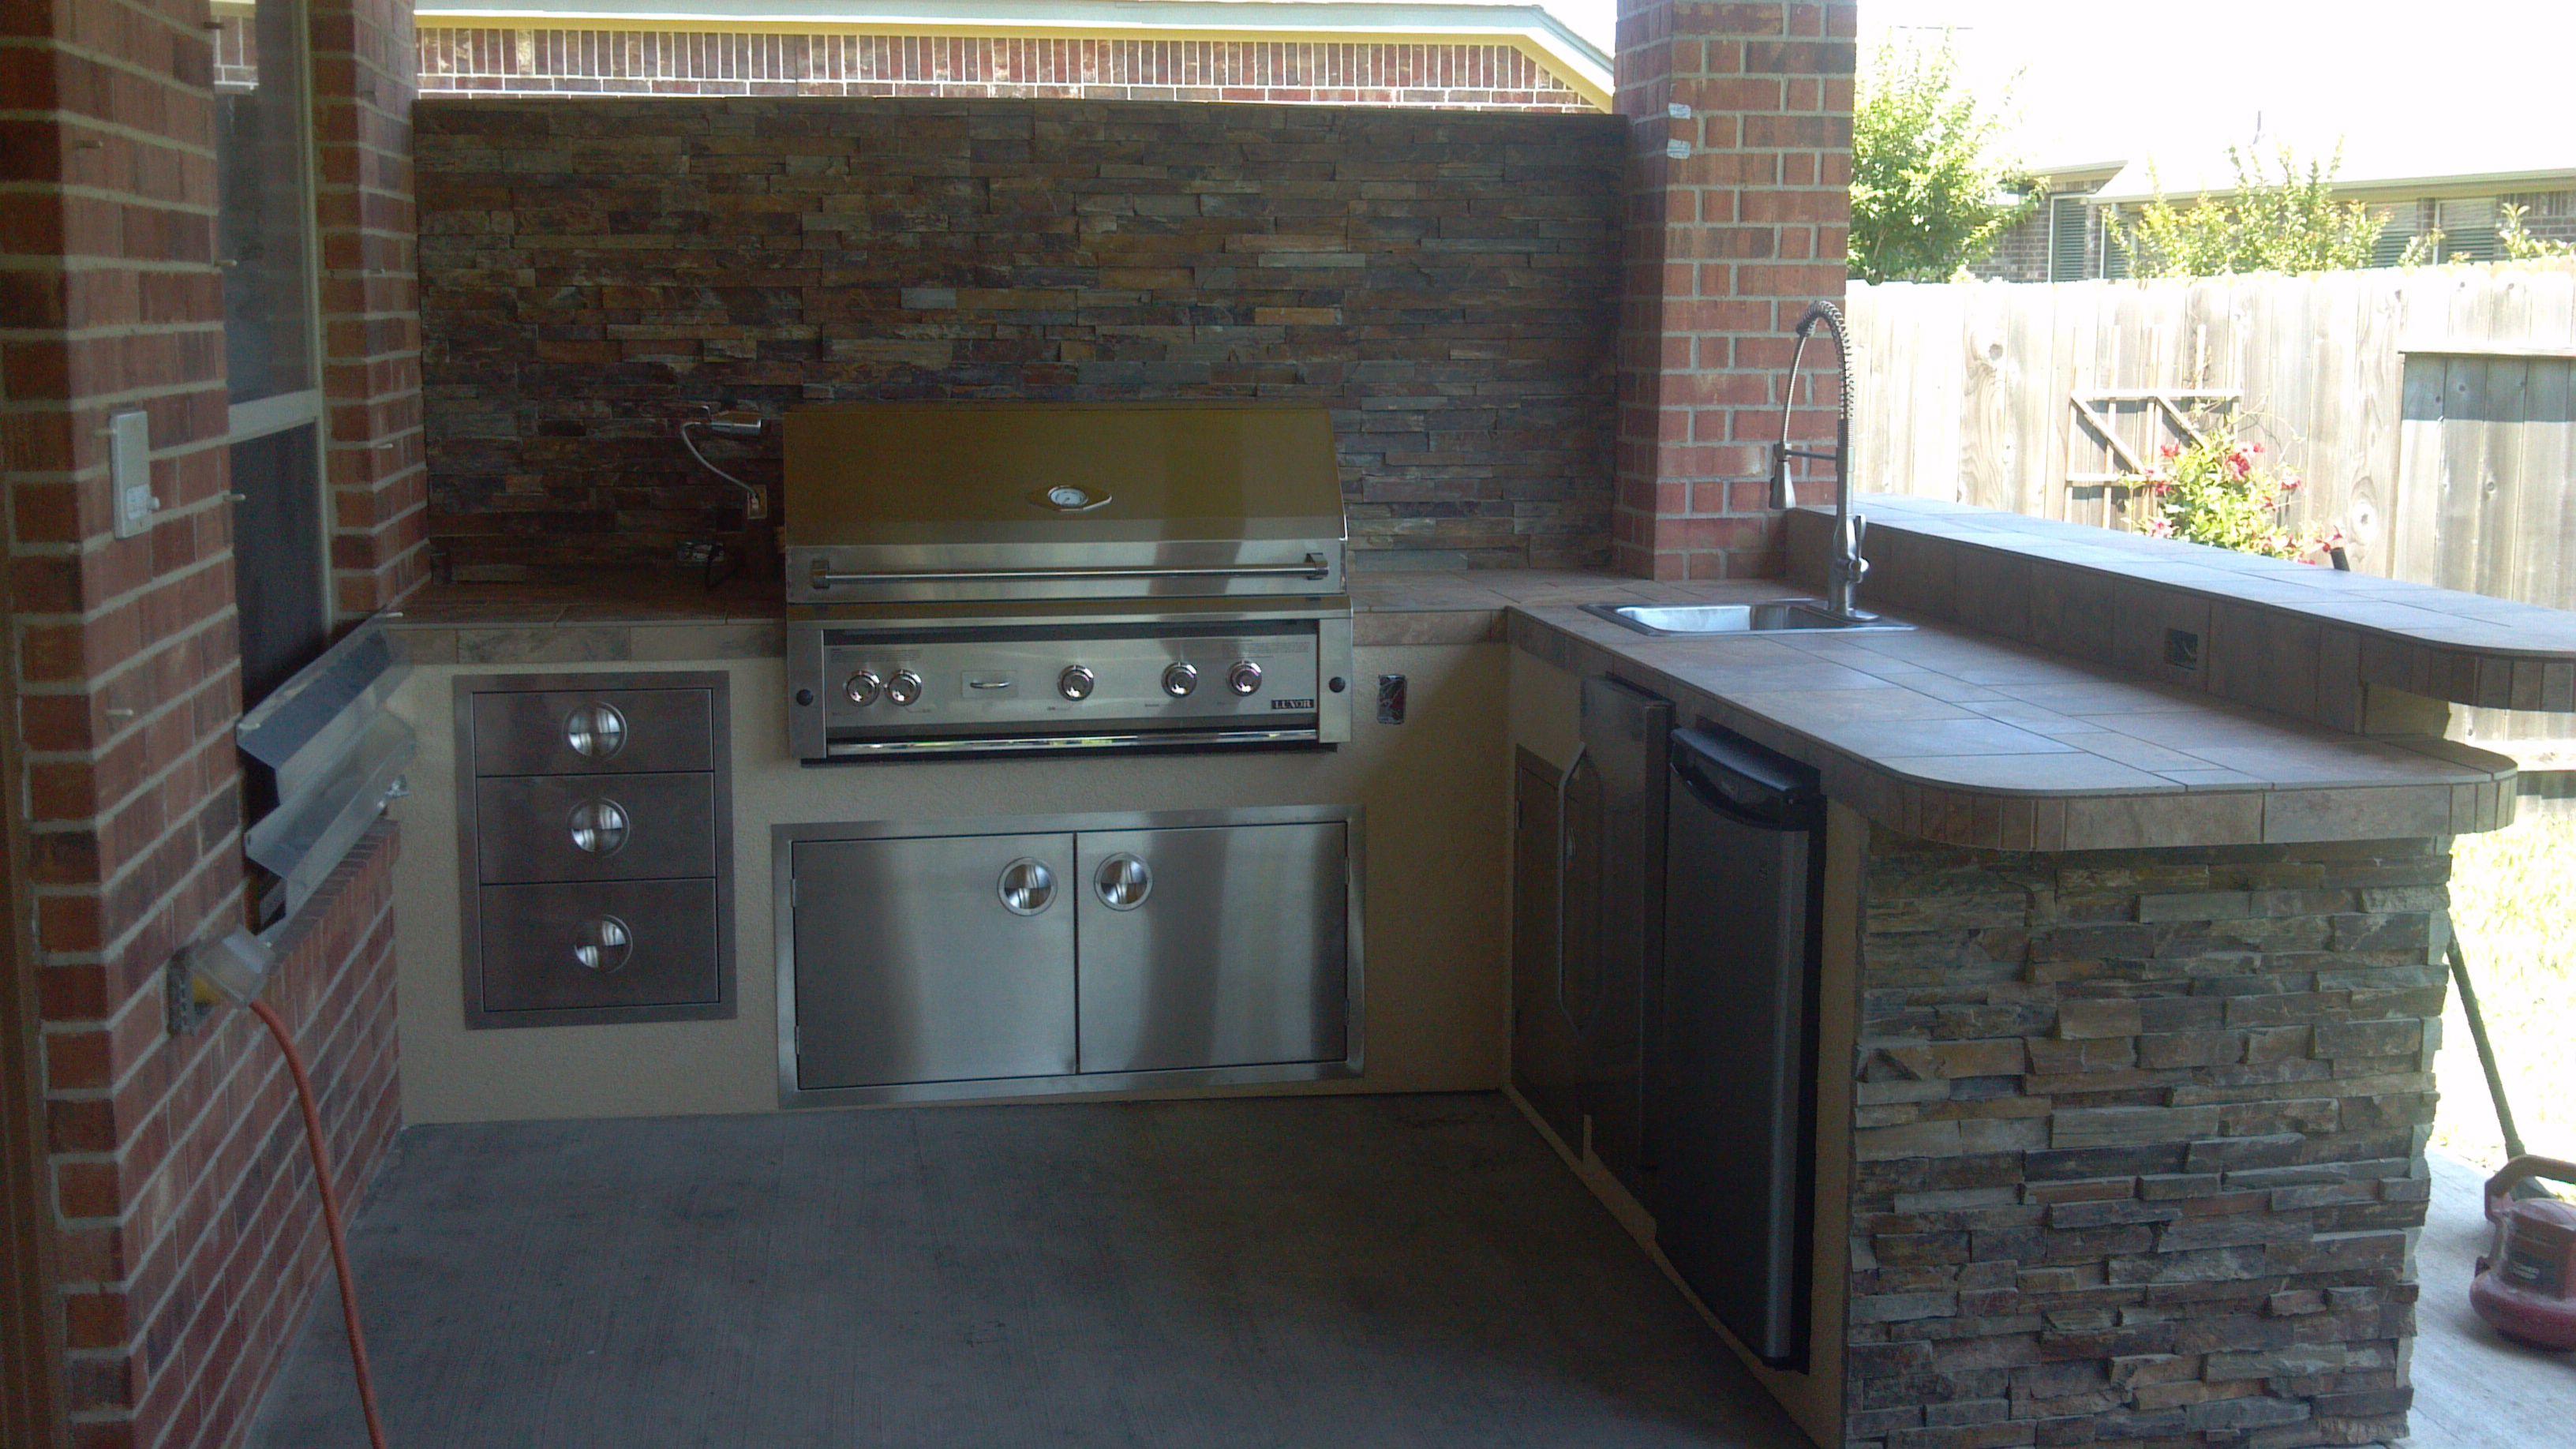 Listi Jpg 3264 1836 Outdoor Kitchen Outdoor Kitchen Grill Indoor Outdoor Kitchen